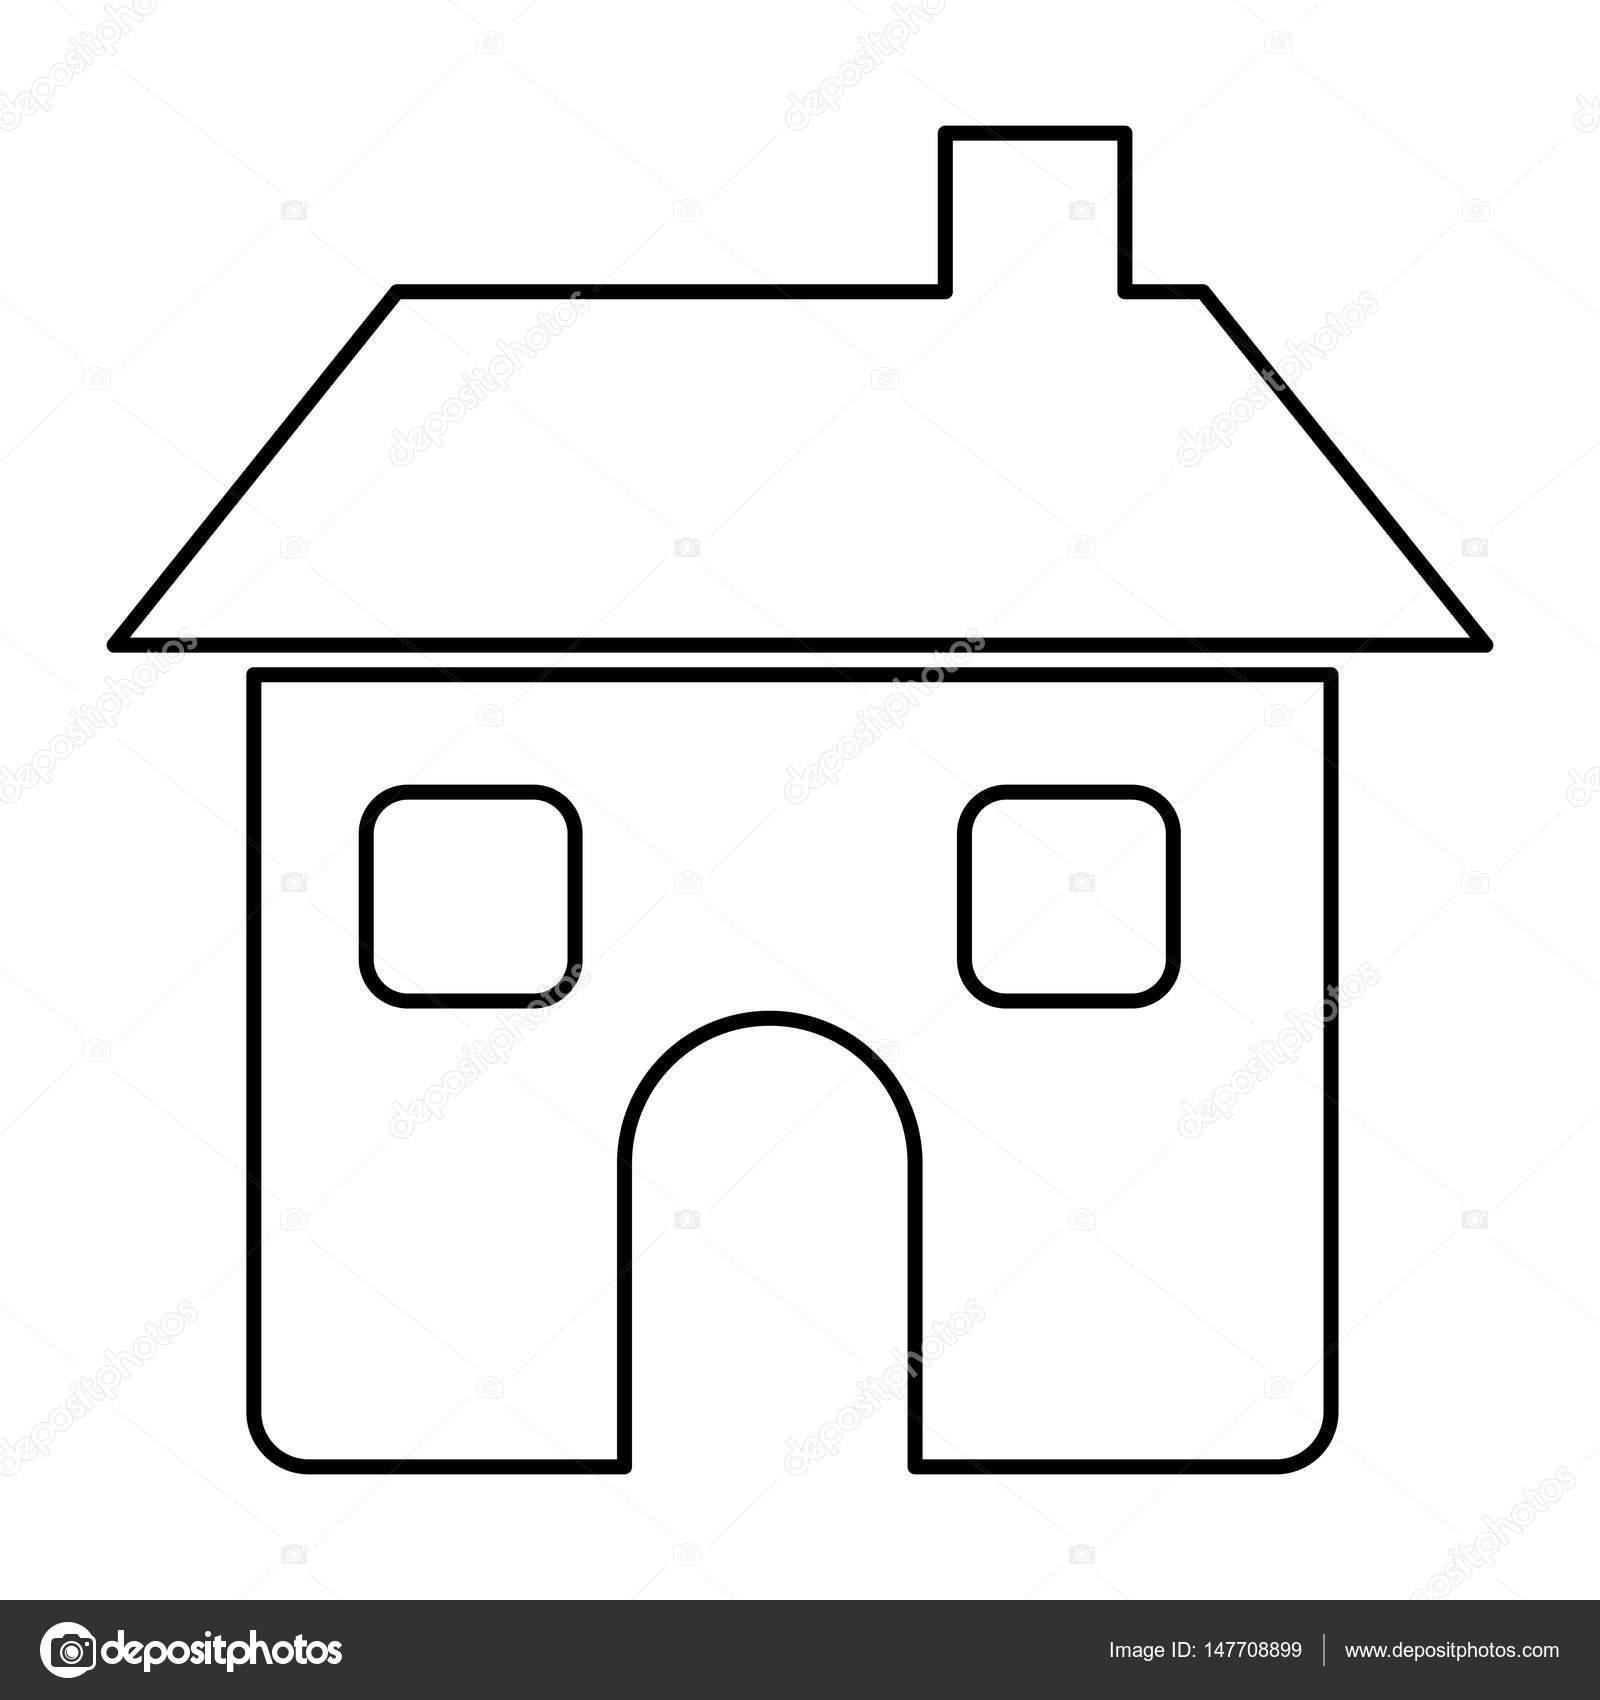 Casa De La Figura Con Dos Ventanas, Puerta Y Chimenea